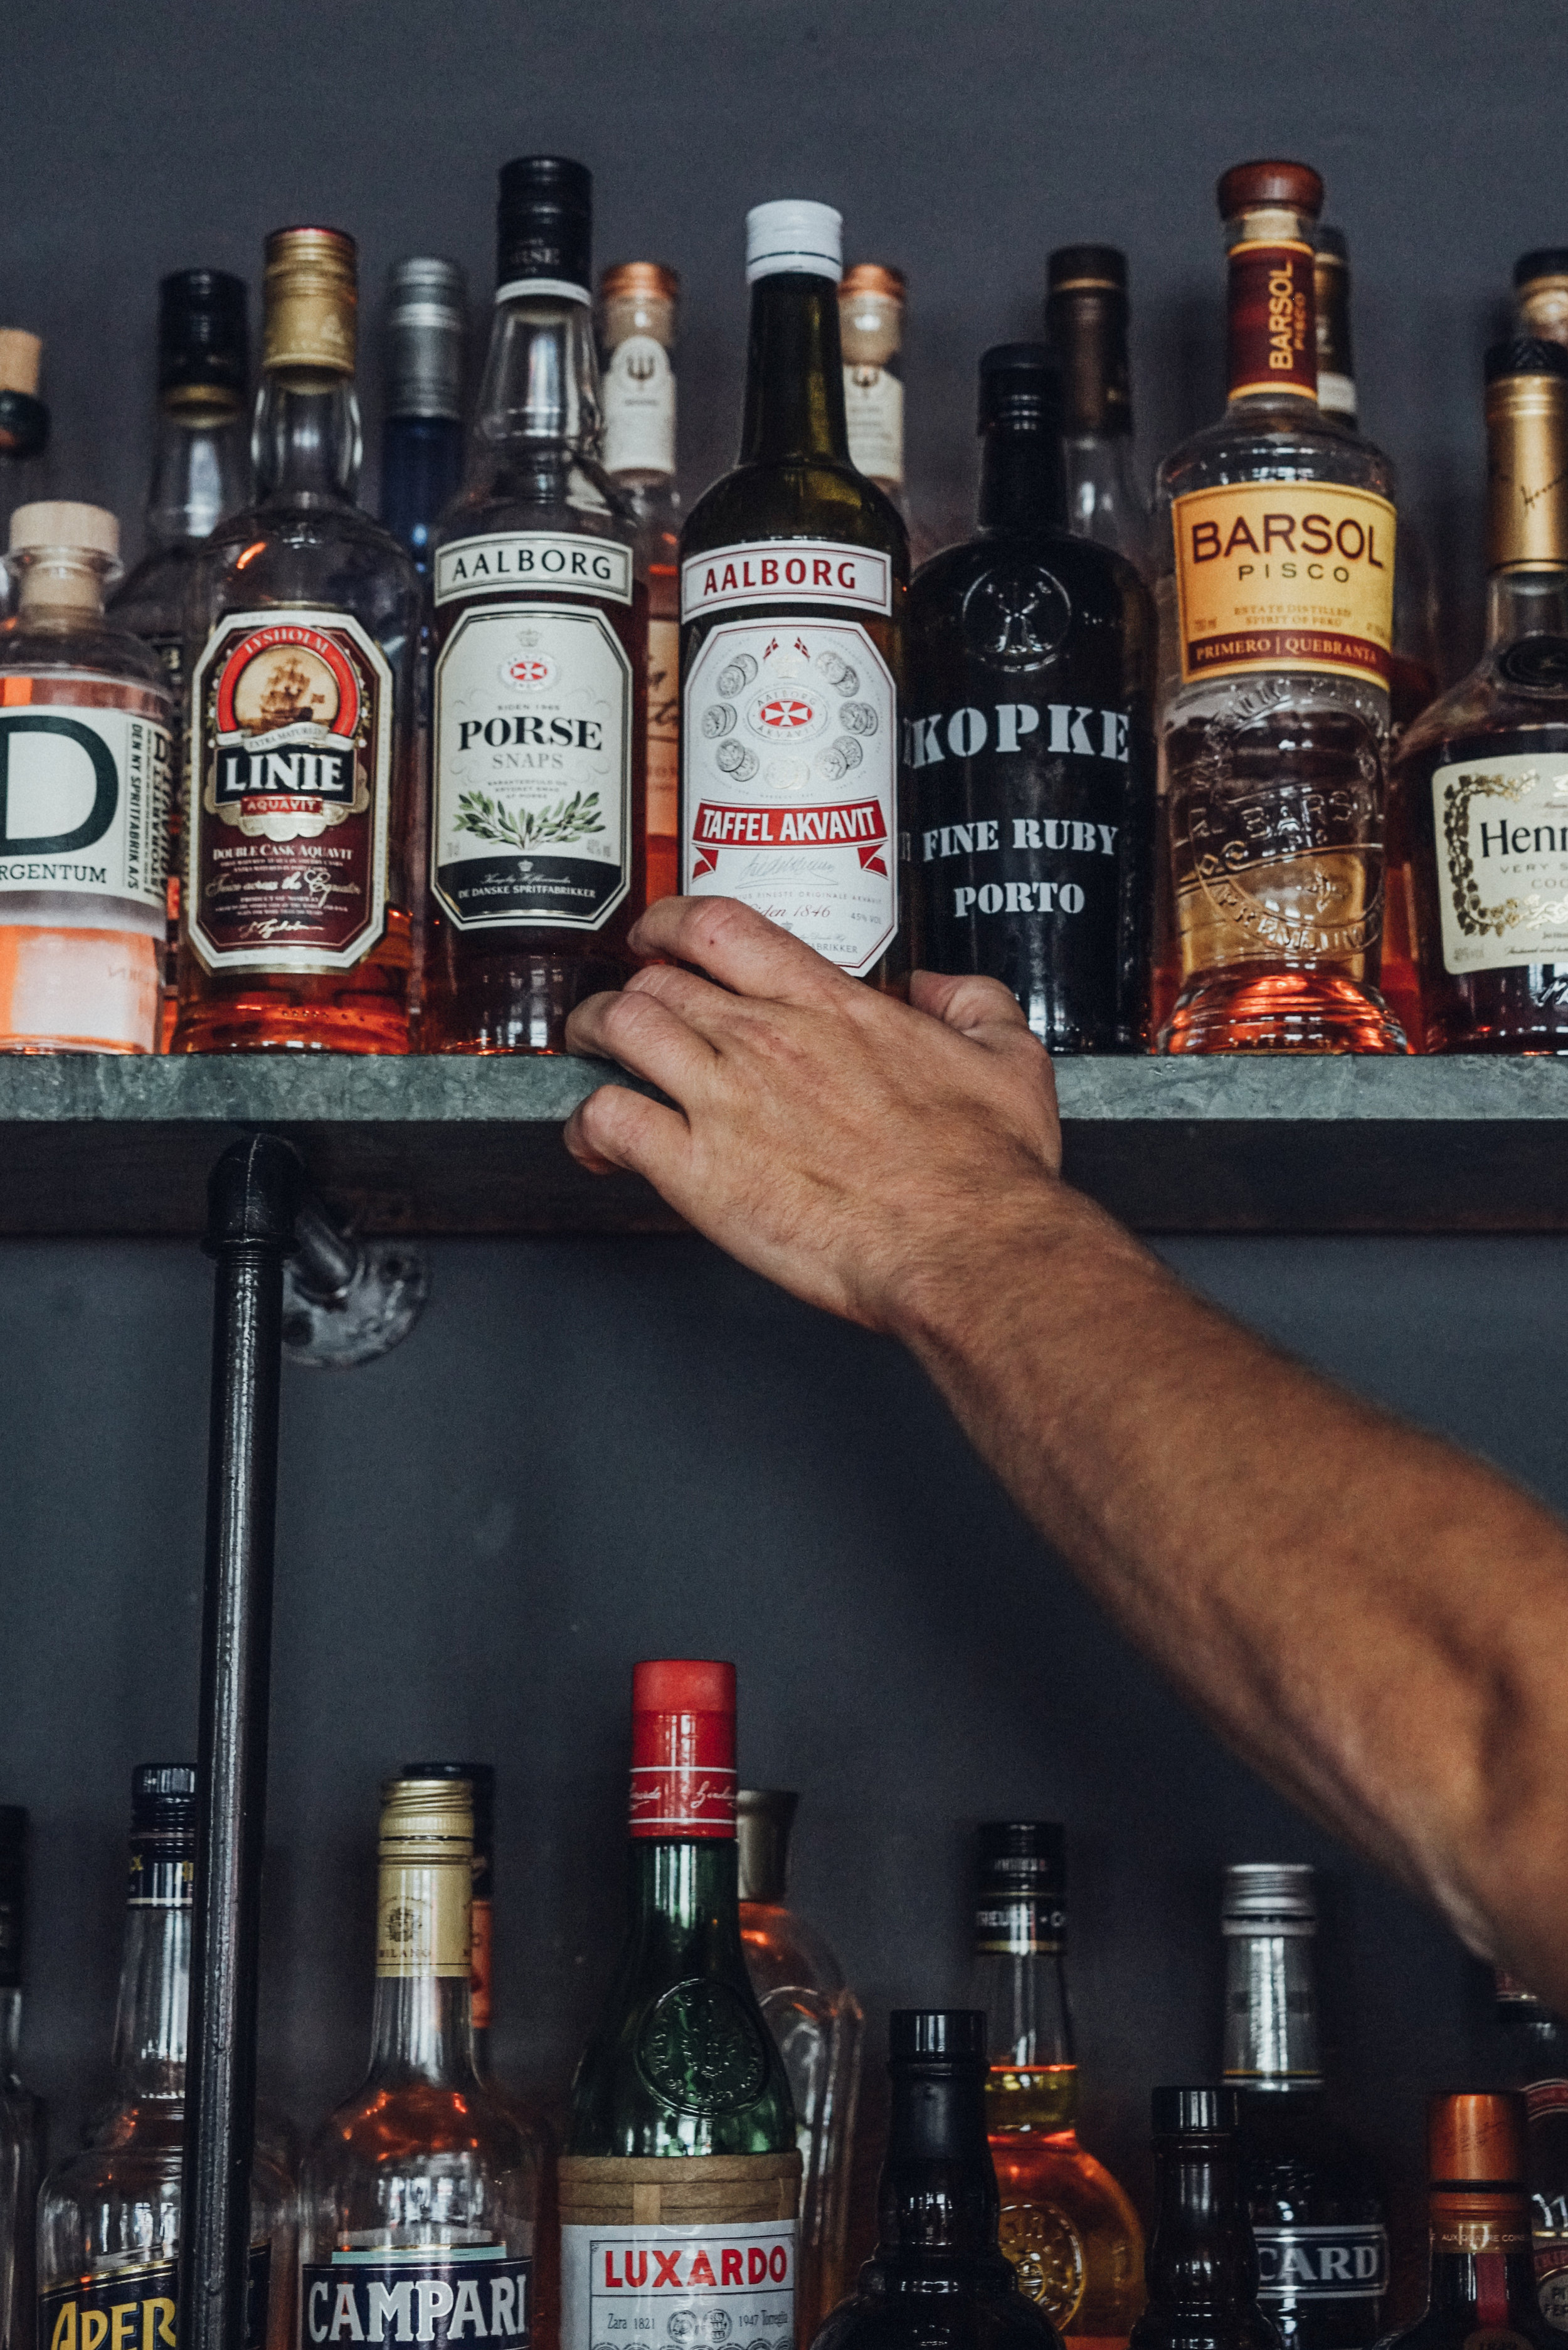 Kasper Riewe Henriksen reaching for a bottle